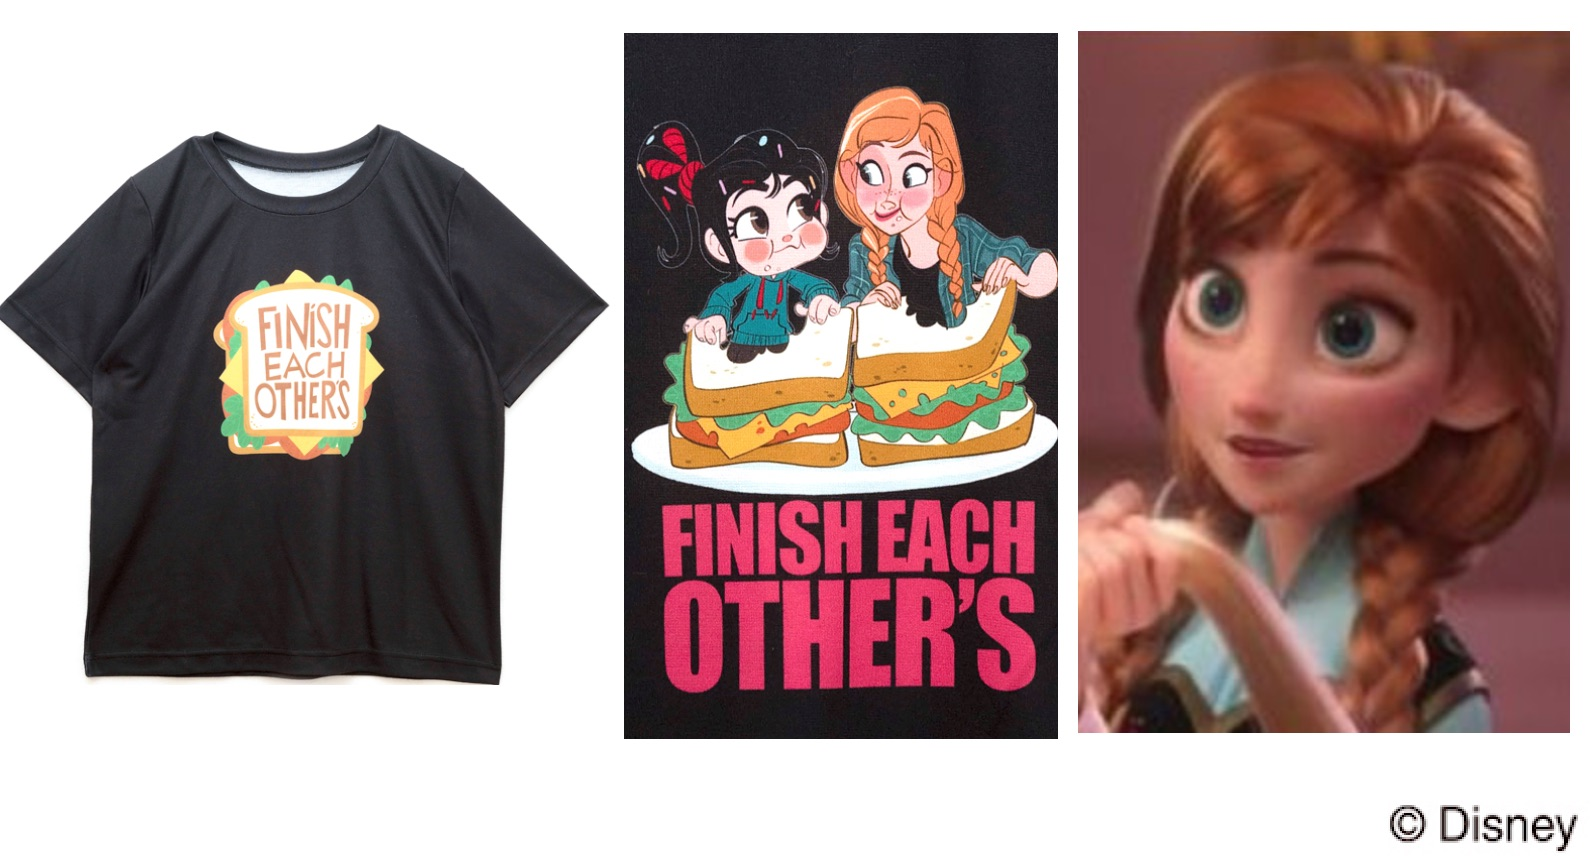 アナ(アナと雪の女王)シュガーラッシュオンライン、プリンセスの私服Tシャツに隠された意味って?